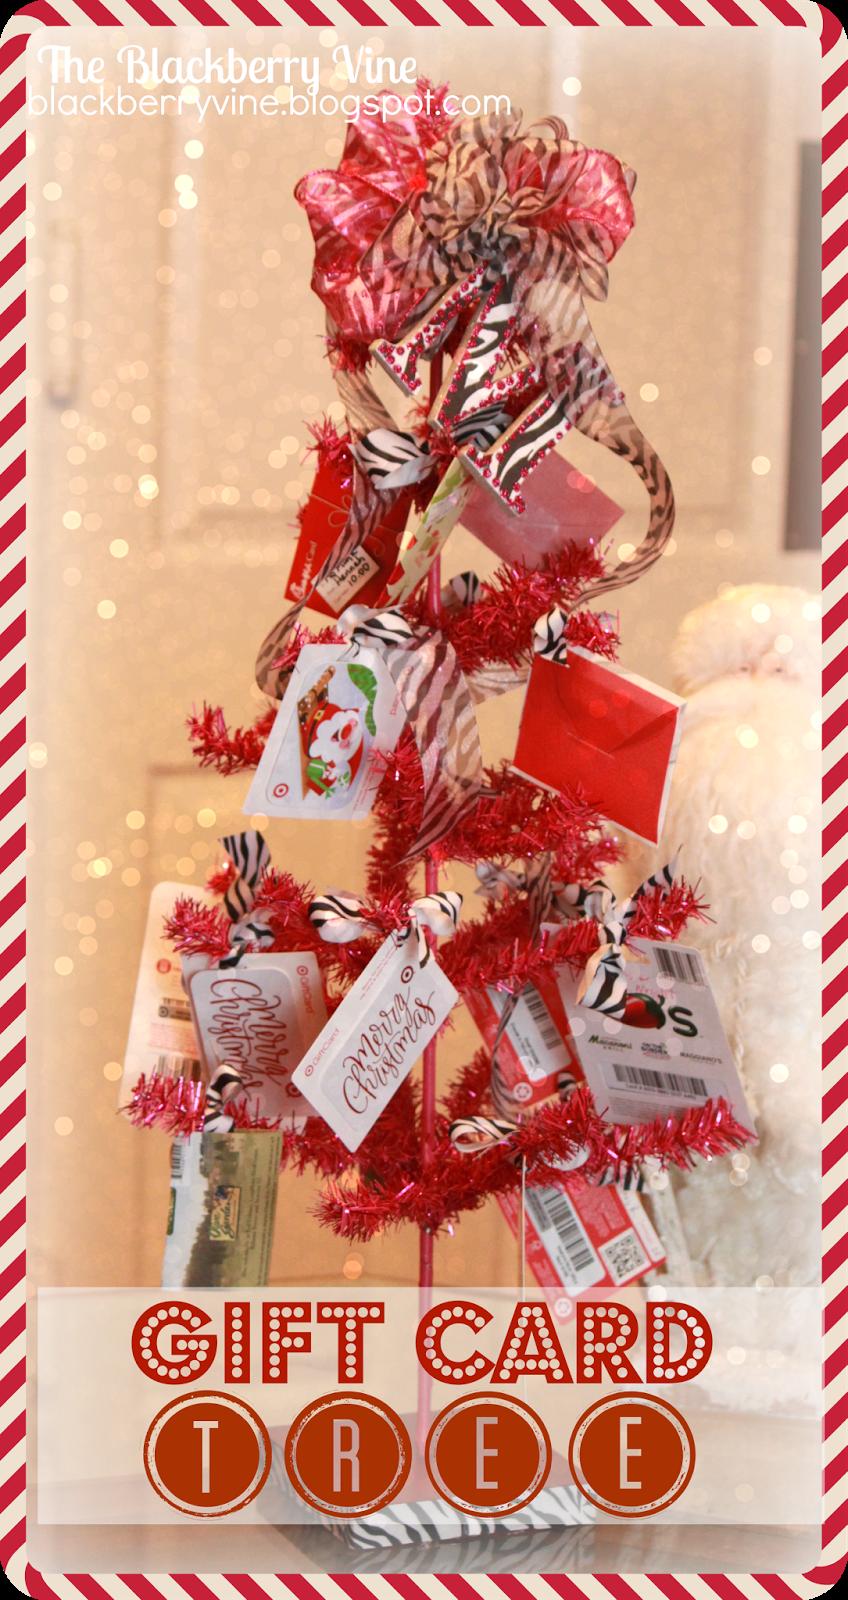 Gift card tree ideas pinterest - The Blackberry Vine Gift Card Tree For Teacher